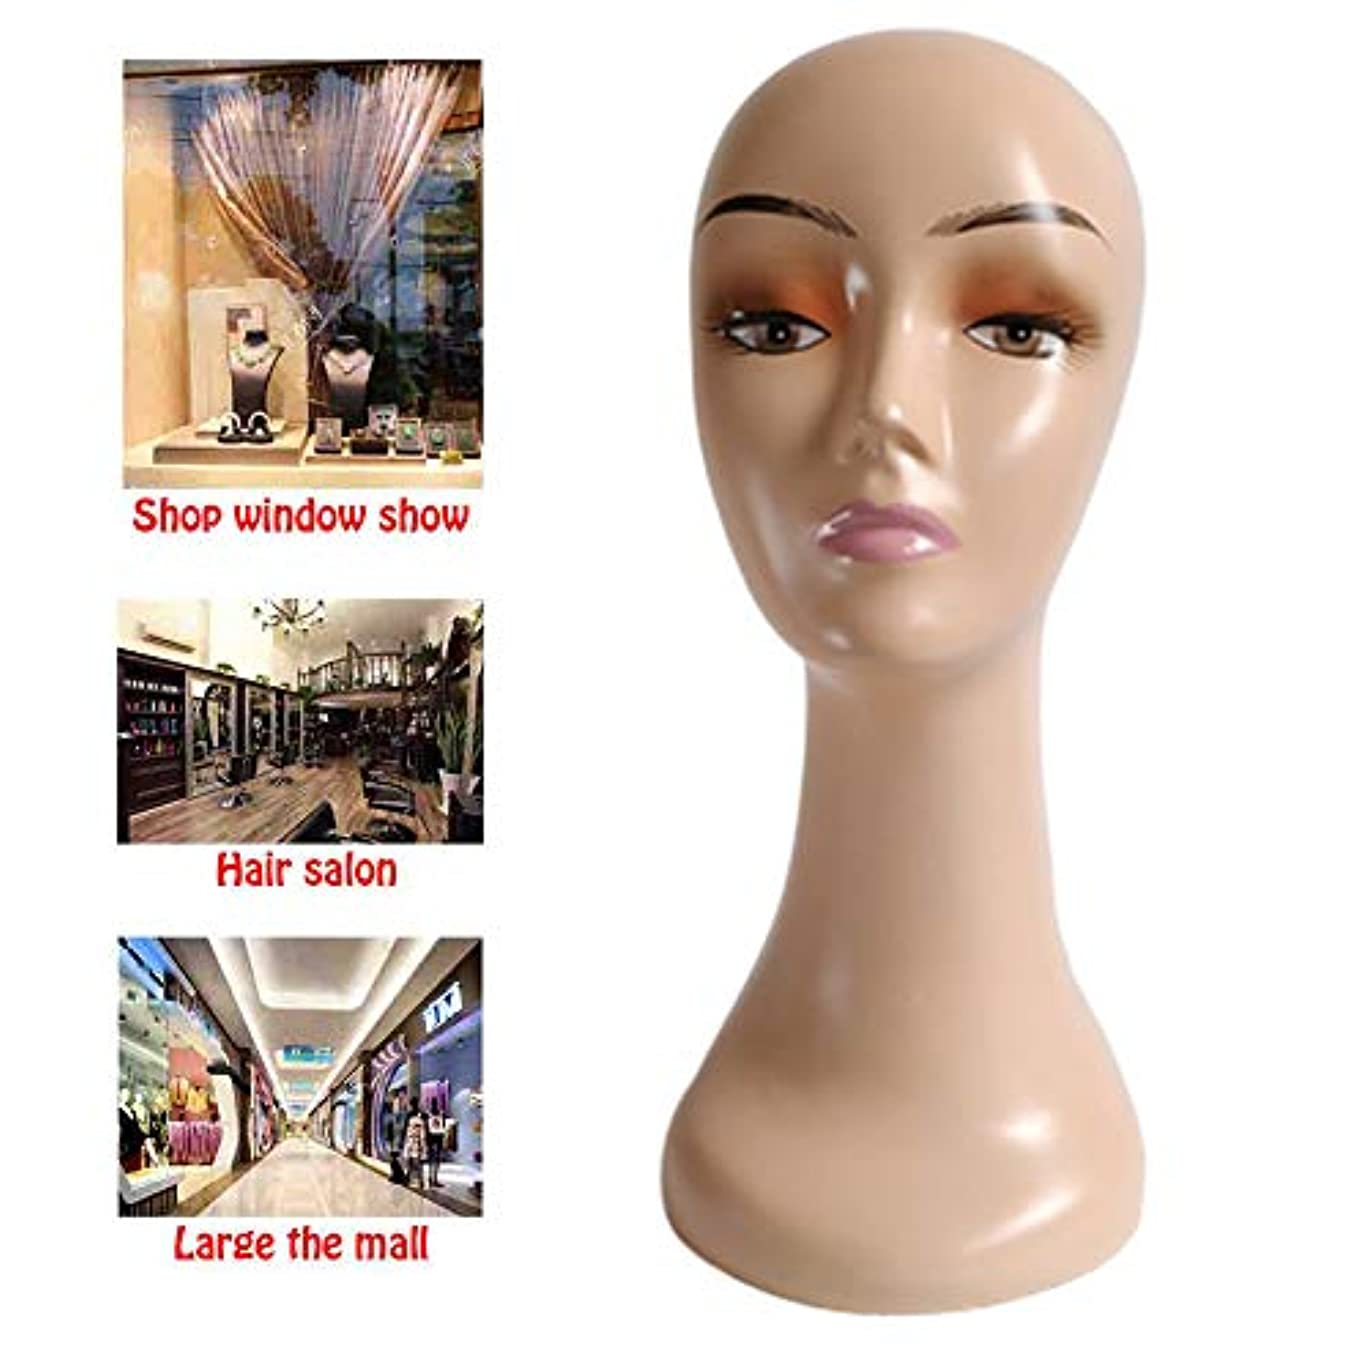 寝てる暗記する依存するかつらの帽子スカーフジュエリーストレートディスプレイ小道具に適した女性のマネキンの頭部はプラスチック鋼コンプレ茶色のABS